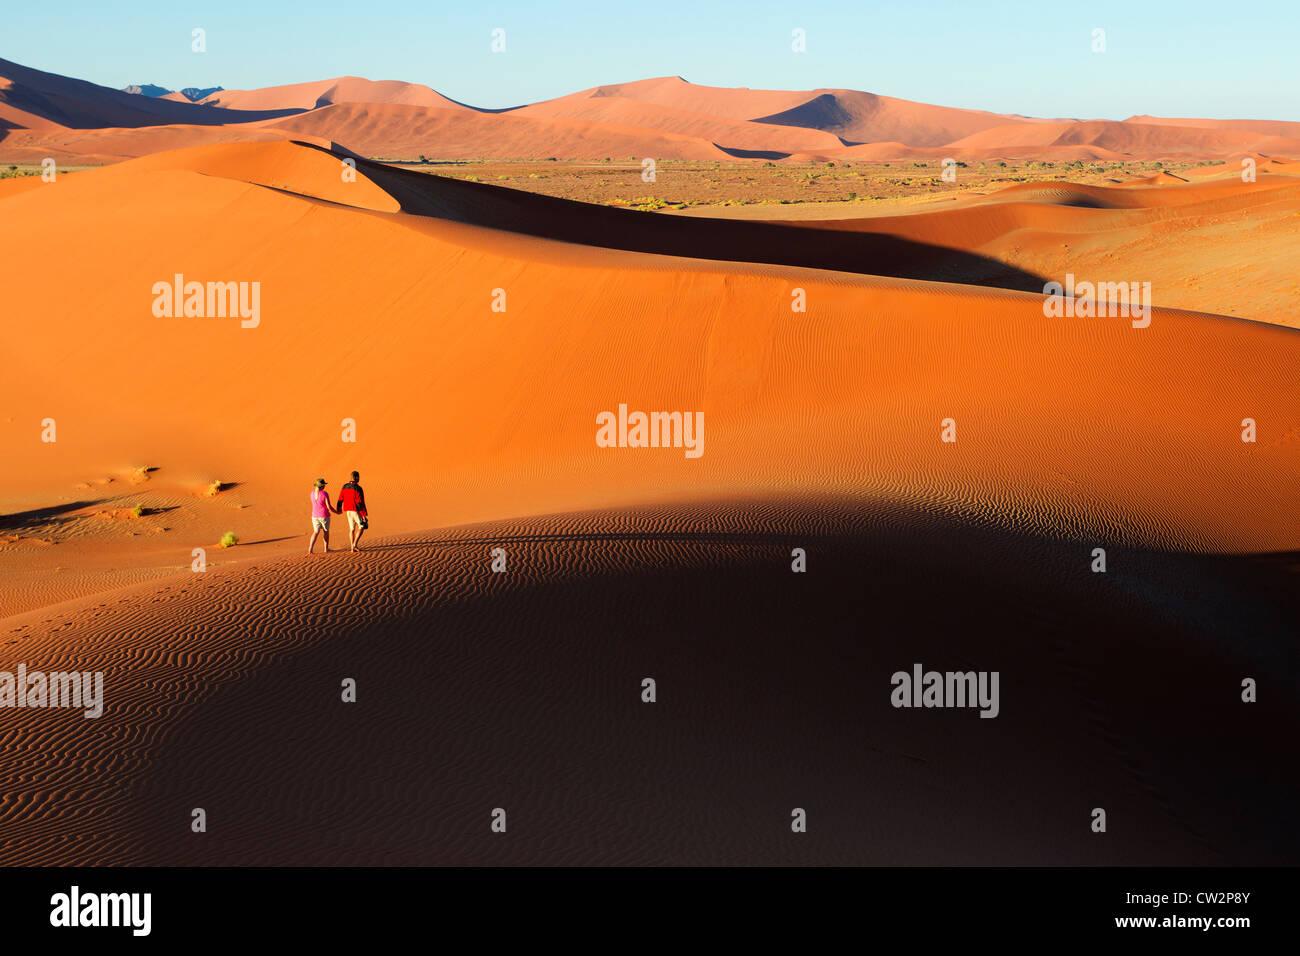 Giovane camminando lungo il bordo di dune di sabbia,Soussvlei,Namibia. Foto Stock